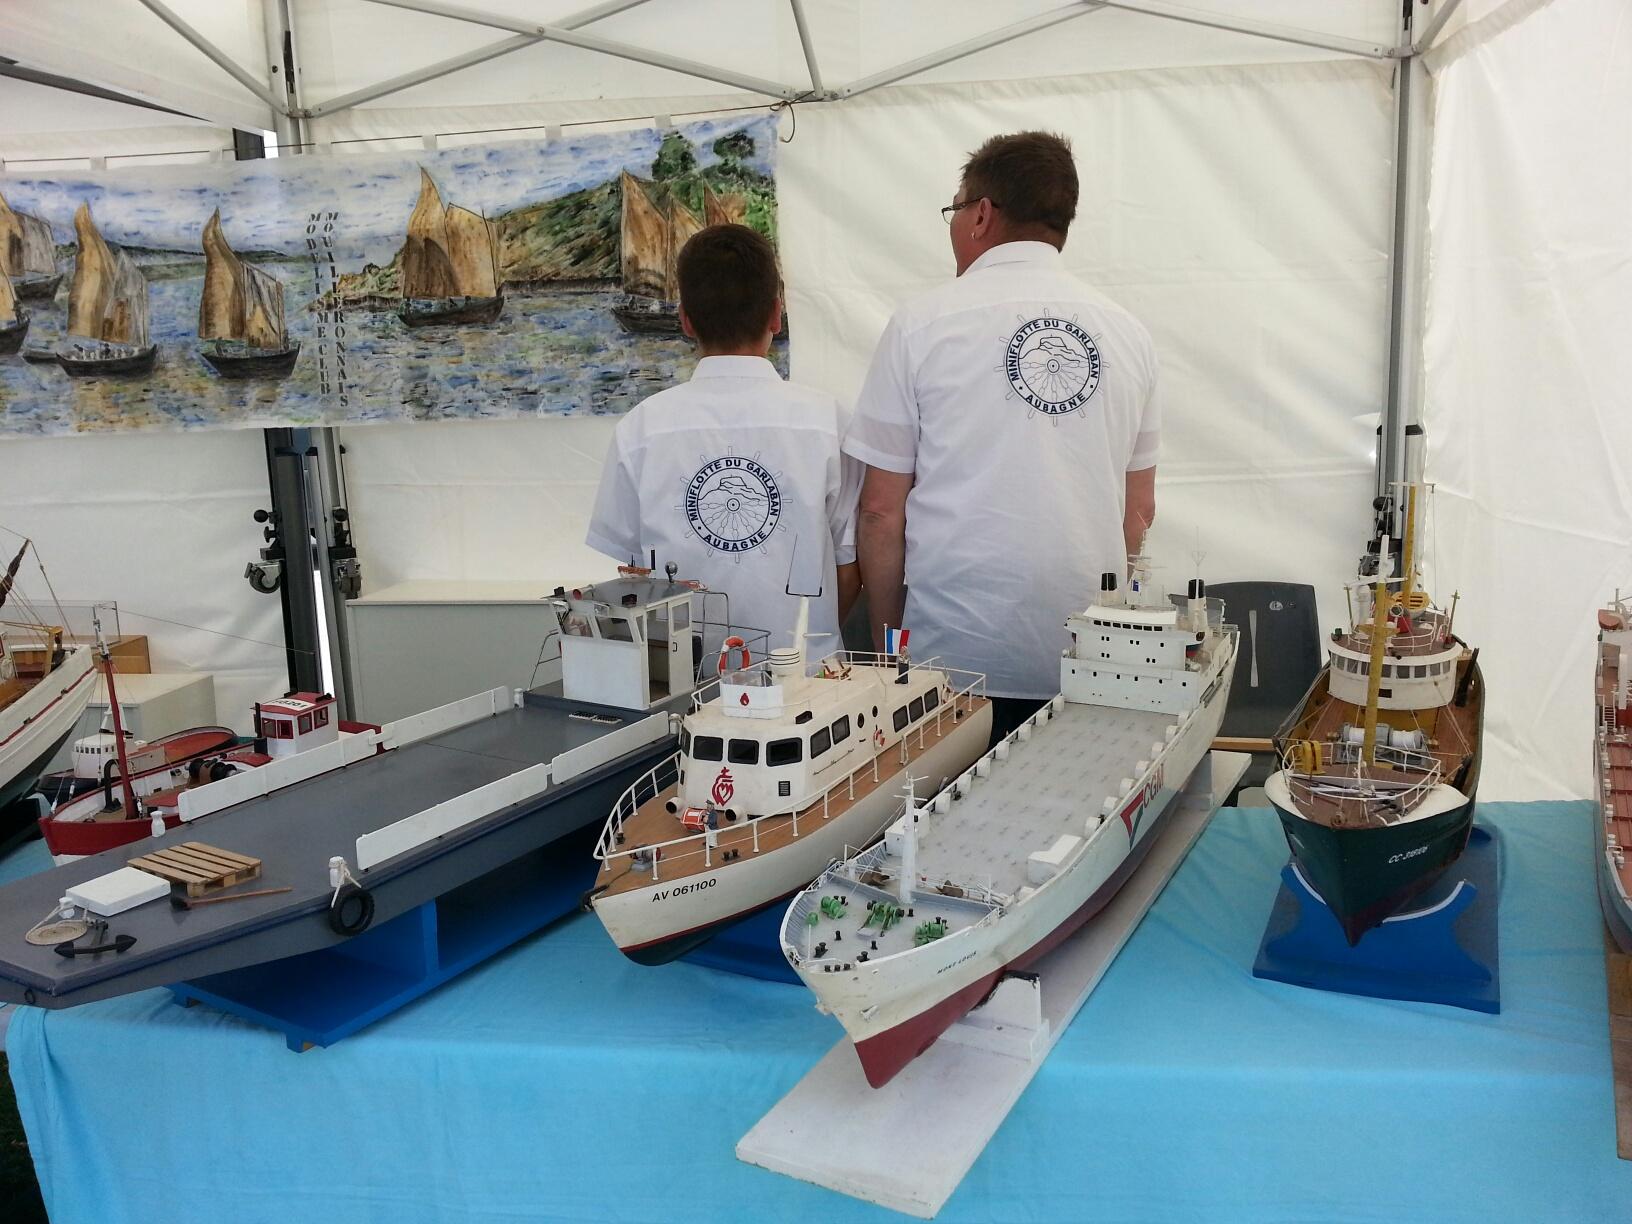 démo de maquettes navigantes sur la place Napoléon à la Roche S/Yon le 31 Mai et le 1er Juin 24454220140531134055resized